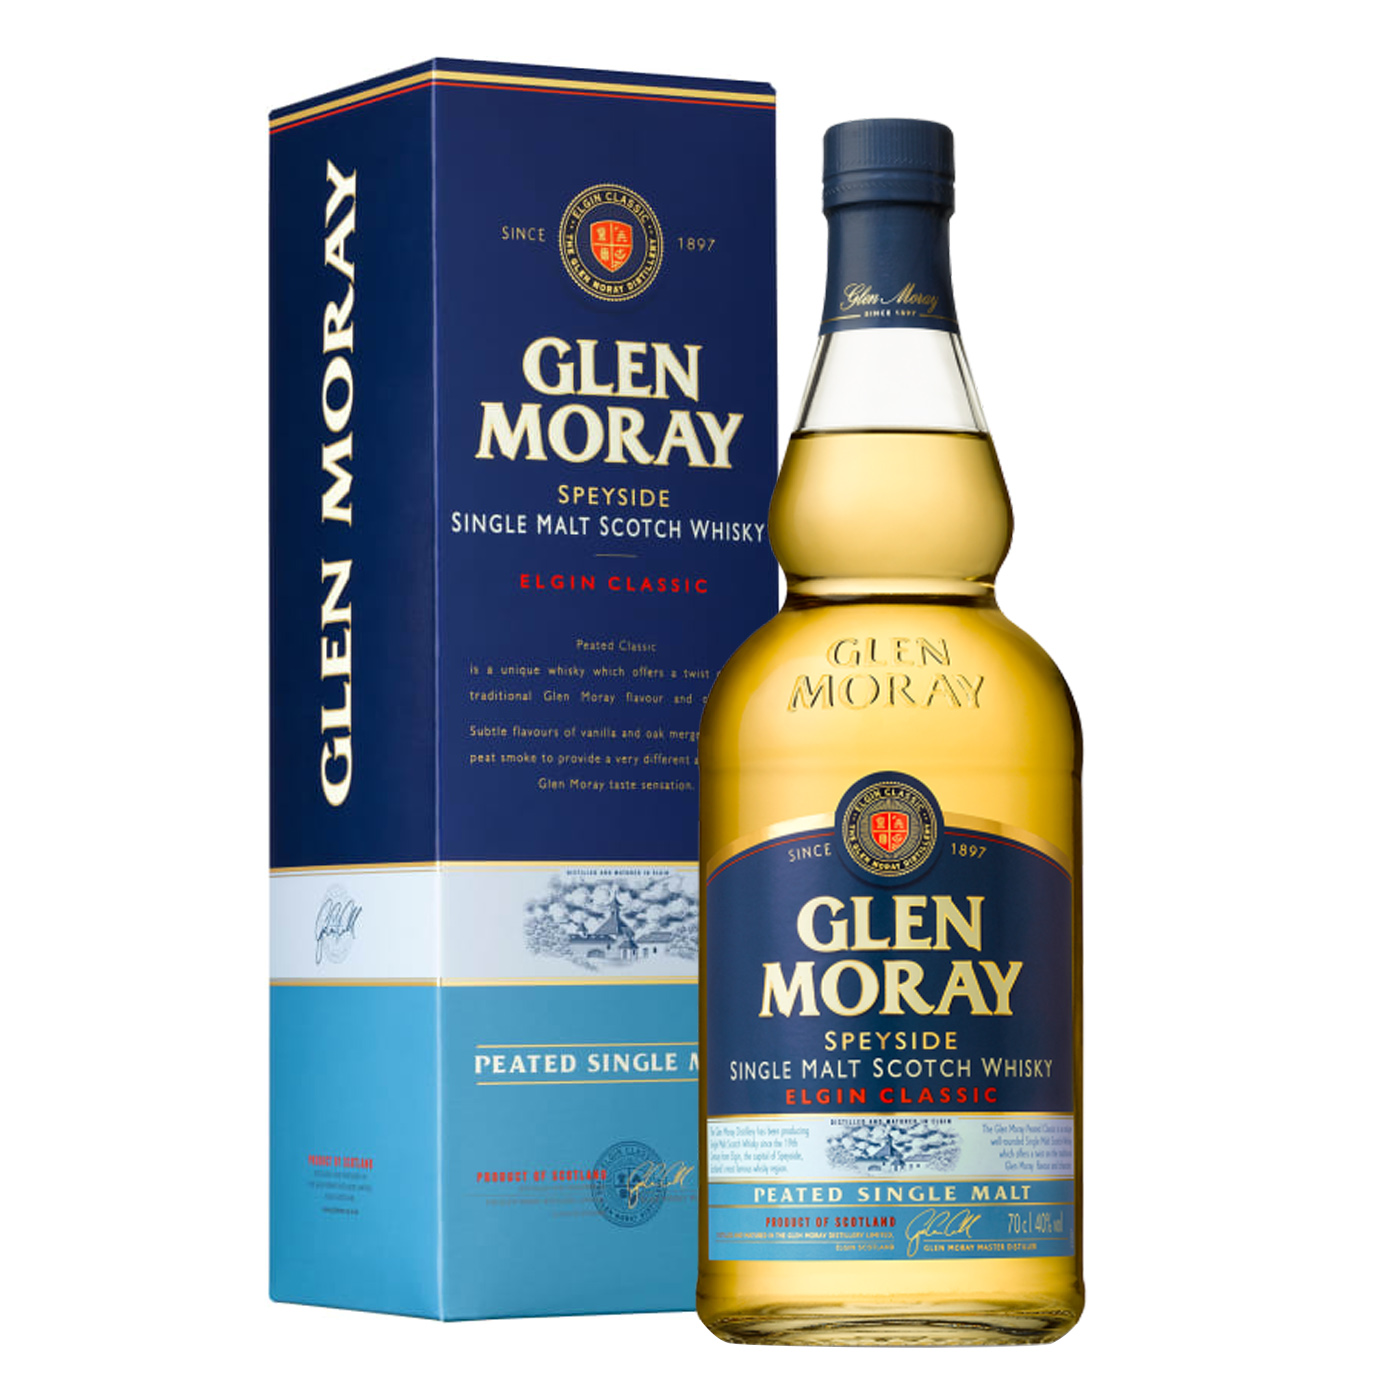 Glen Moray Peated